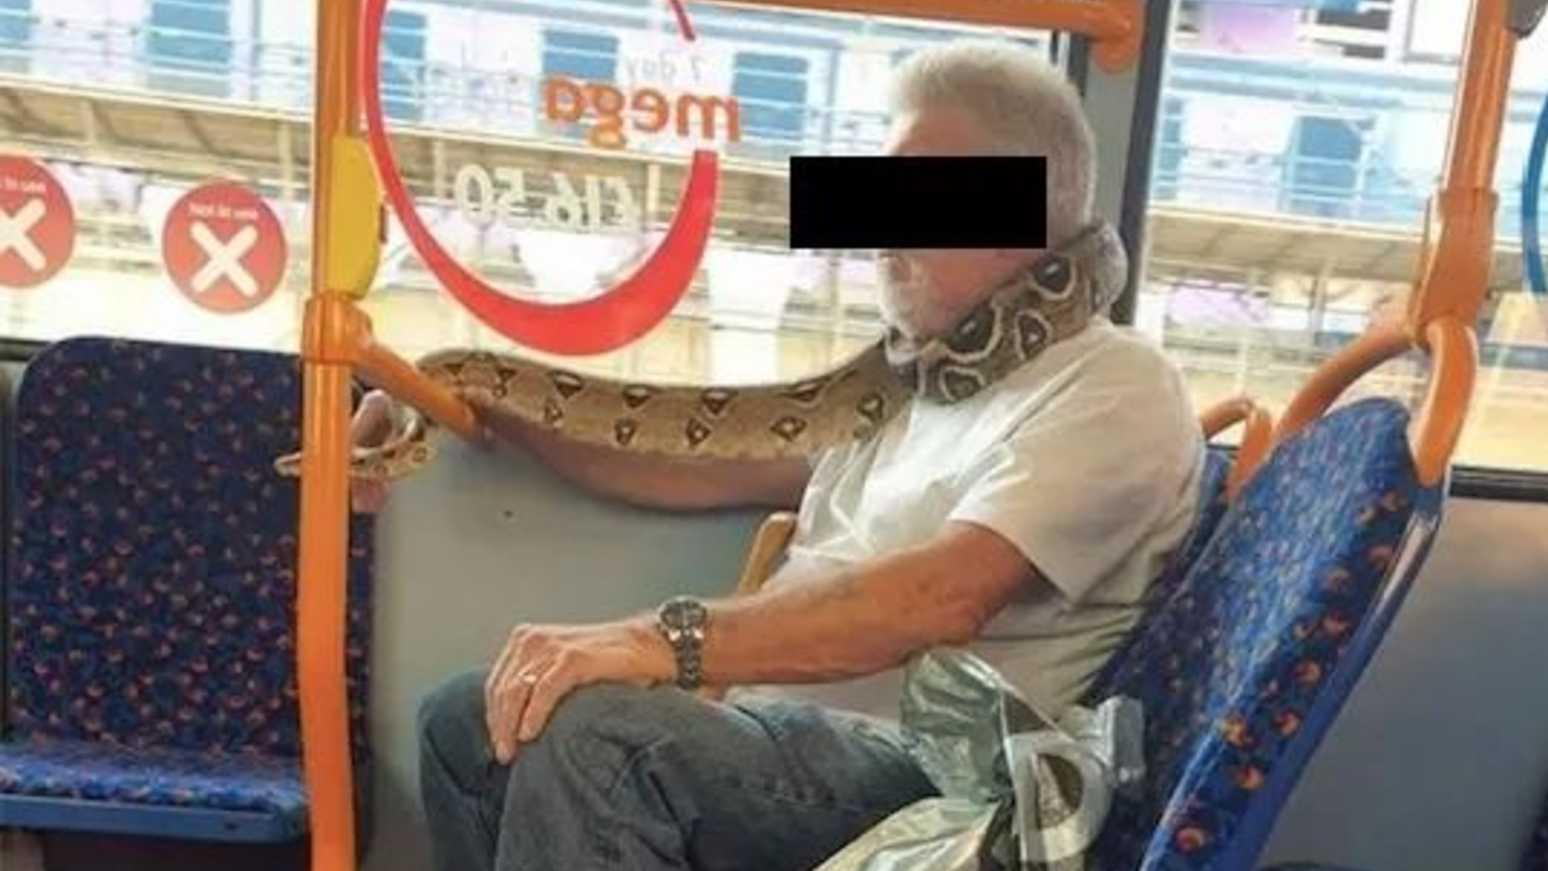 Homem usa cobra como máscara em ônibus na Inglaterra